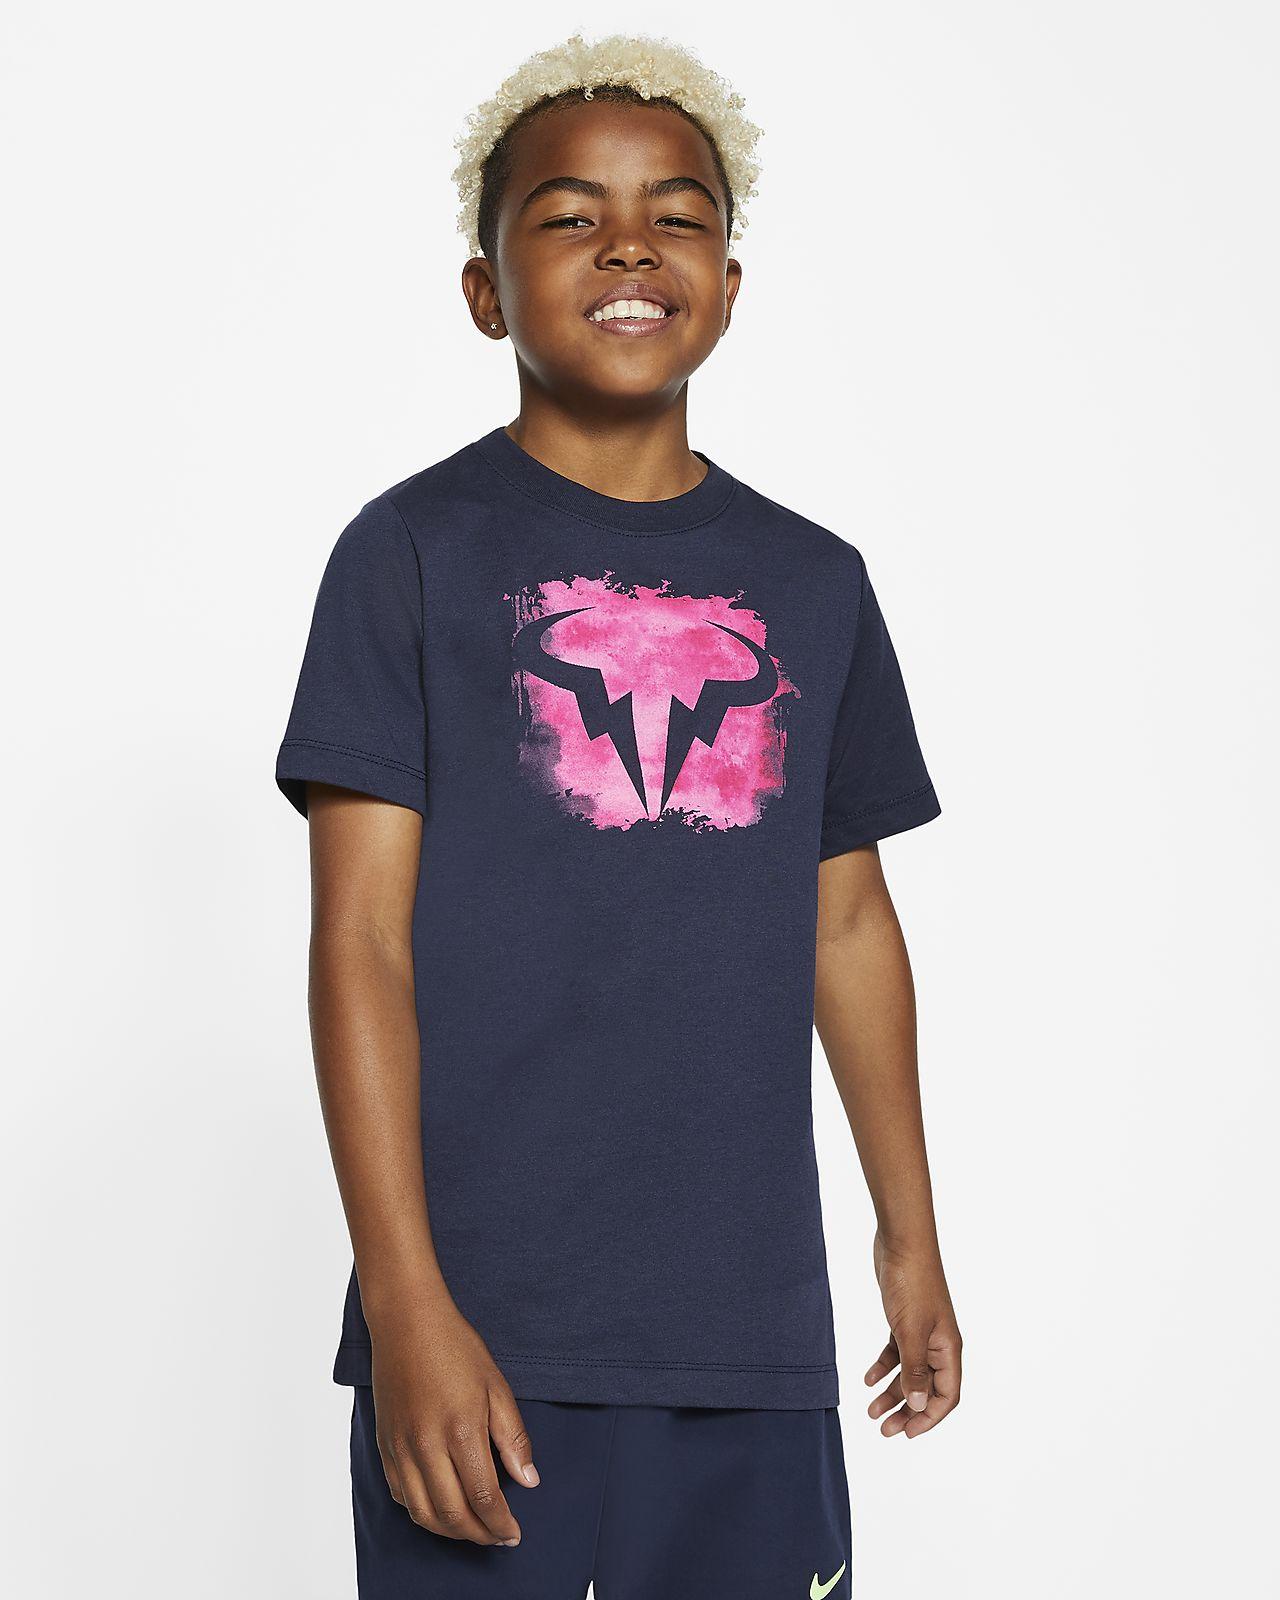 Tenisové tričko NikeCourt Dri-FIT Rafa pro větší děti (chlapce)